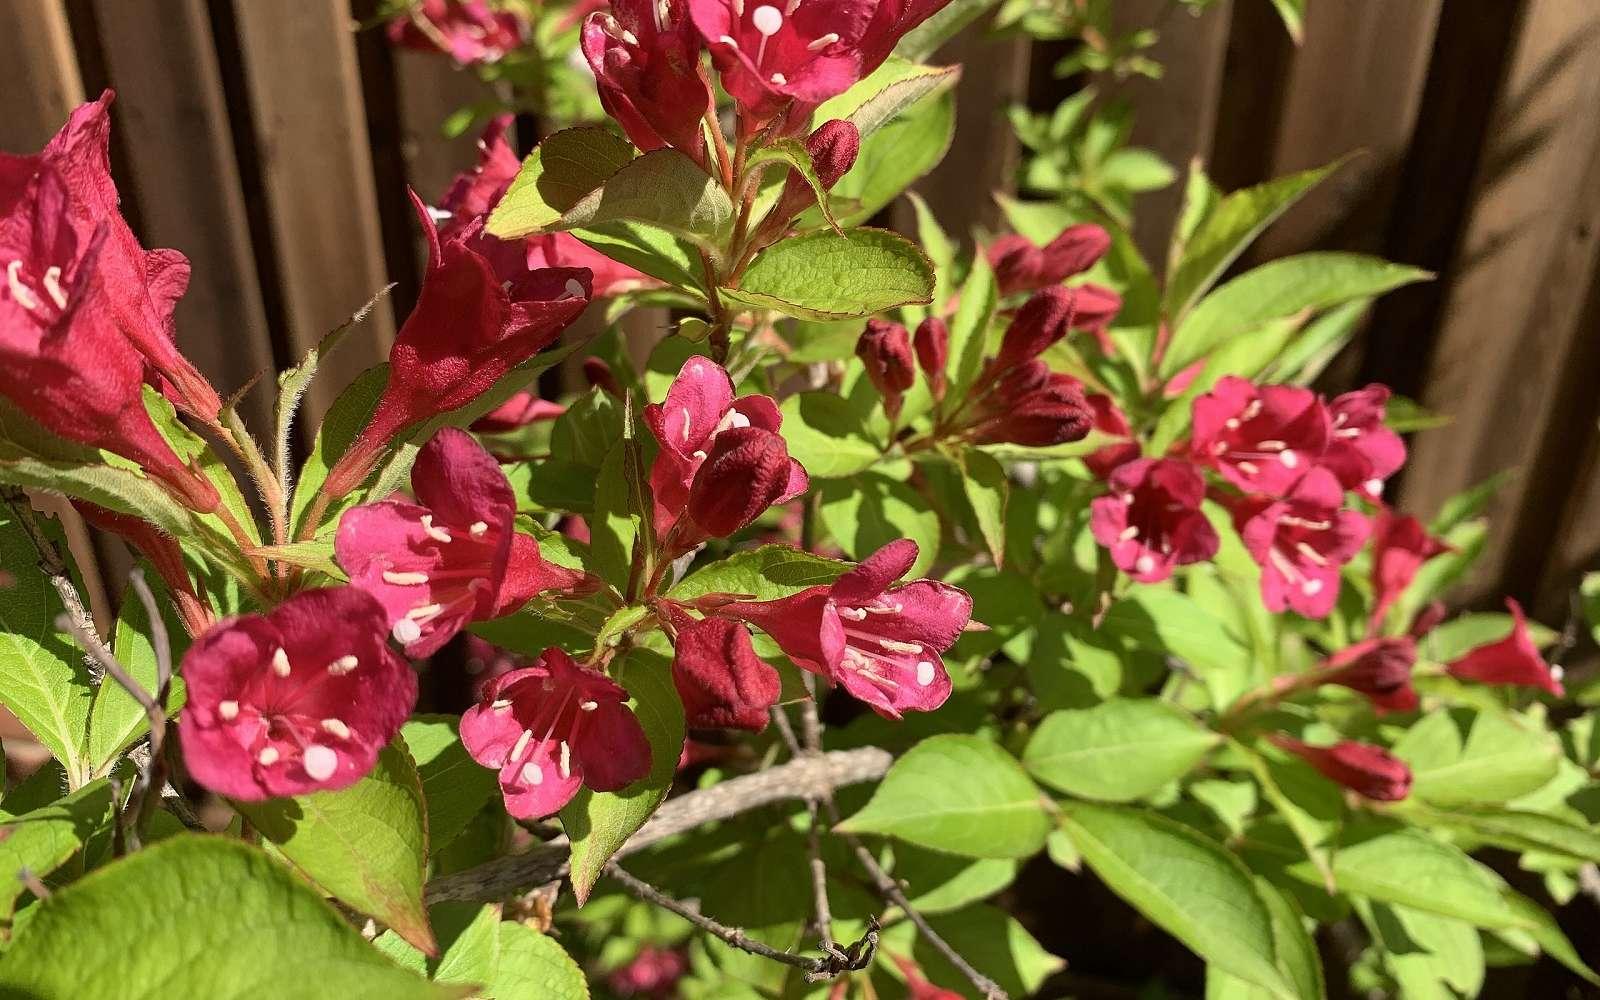 Floraison exceptionnelle du weigélia ! © Thadguidry, domaine public